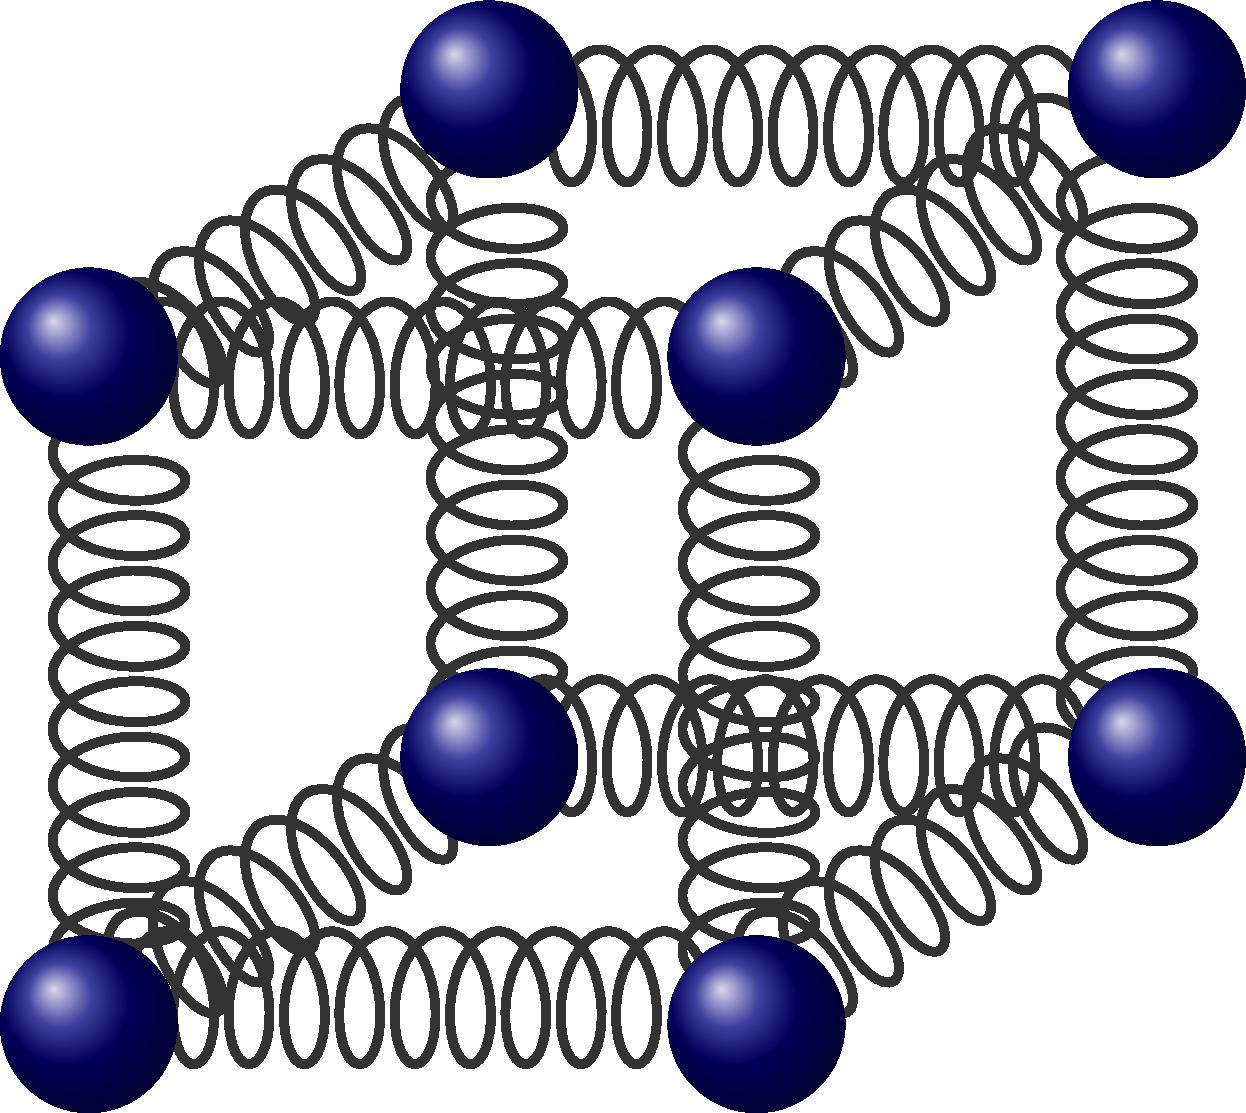 molecules_vibrations-001.png